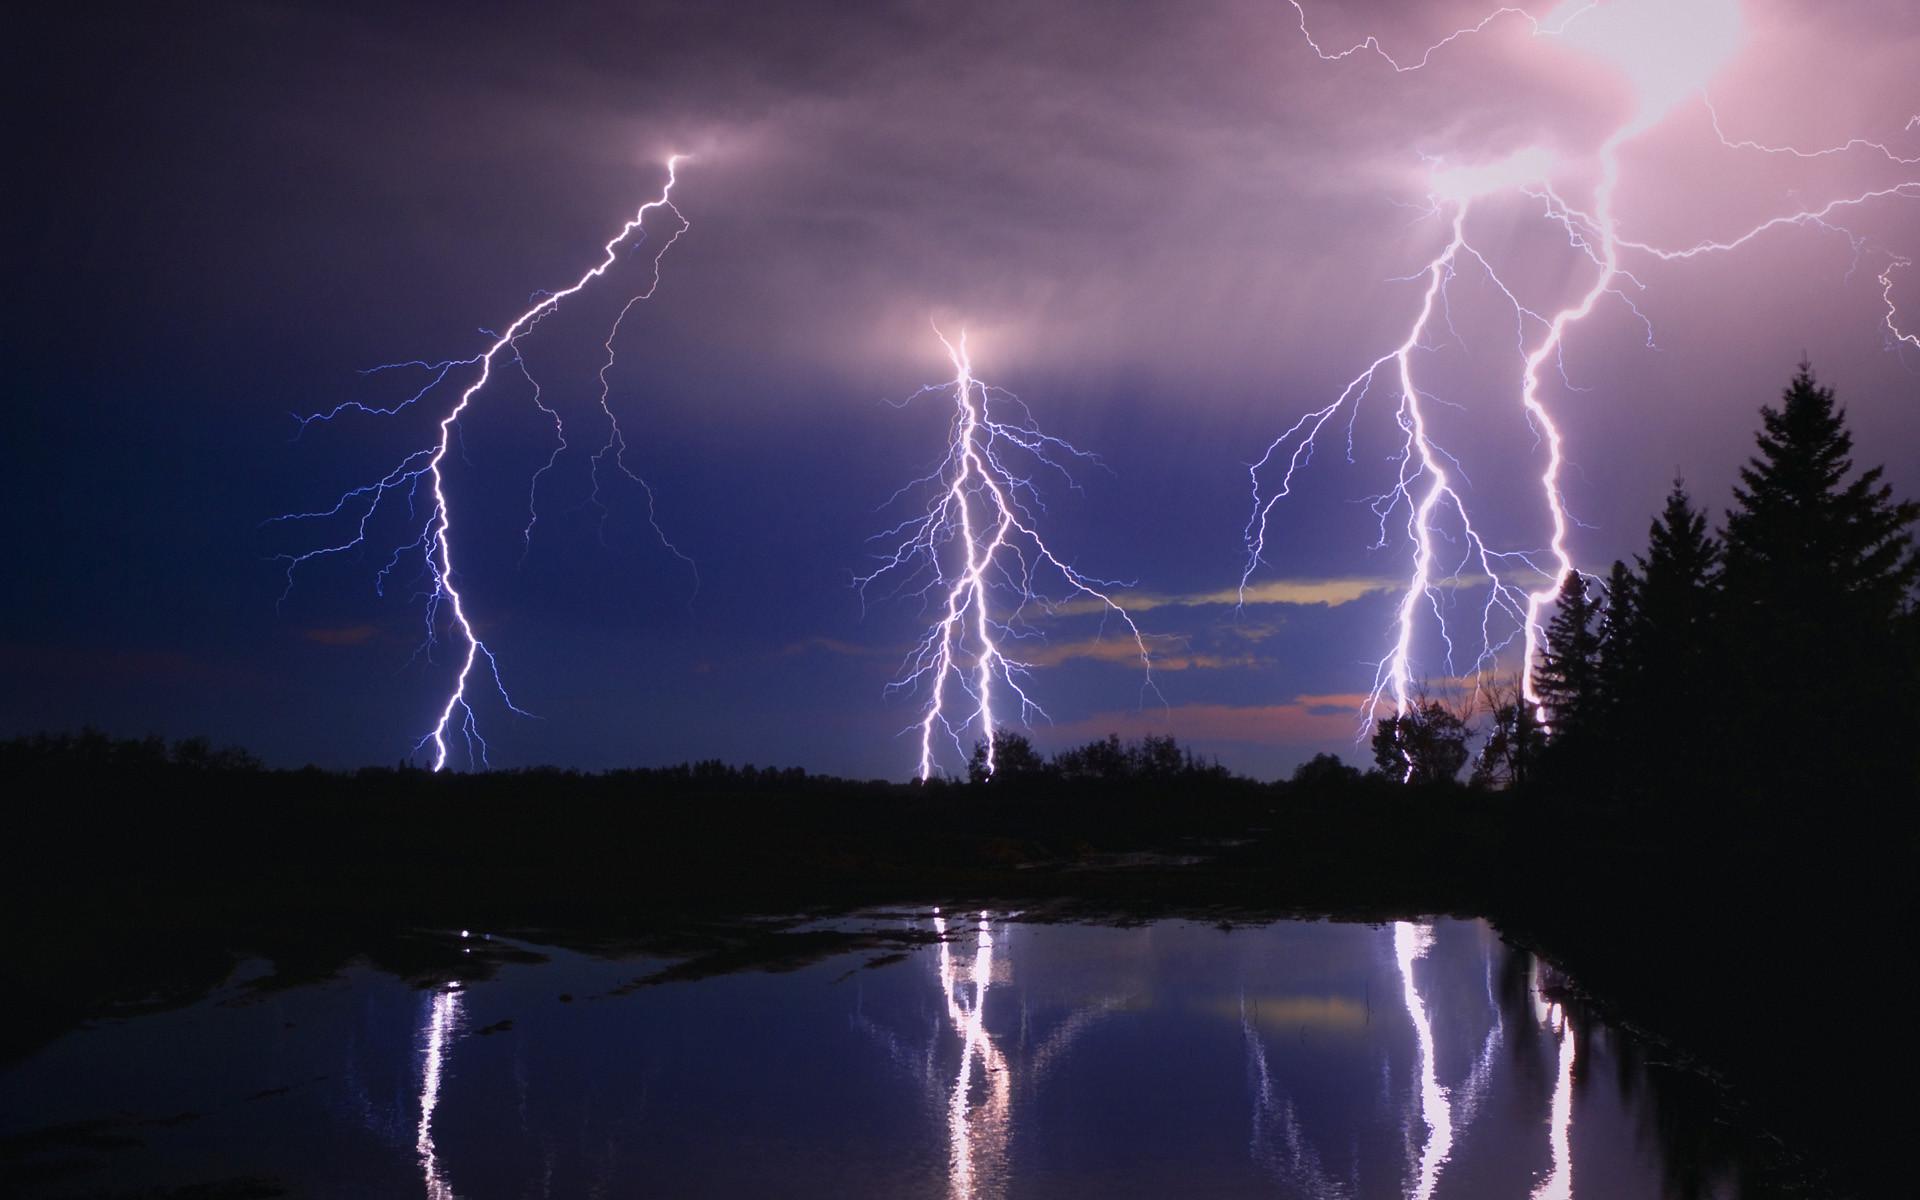 Volcanic lightning wallpaper 64 images - Lightning wallpaper 4k ...